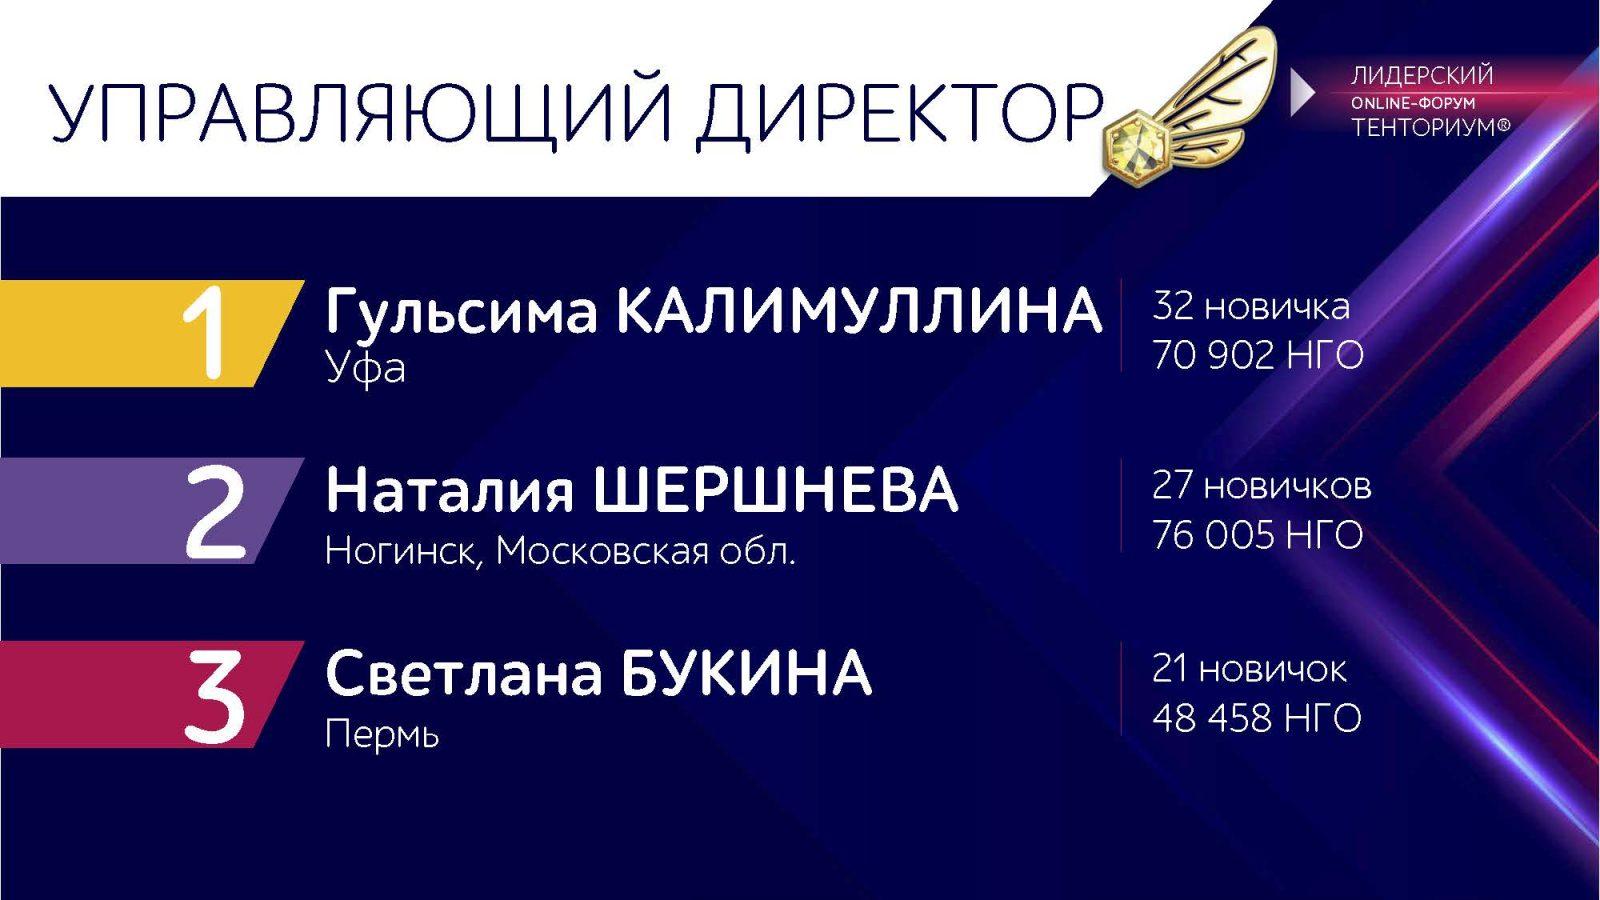 LF-2020-Luchshij-lider-po-komandnomu-podpisaniyu-i-uvelicheniyu-NGO-3_Stranitsa_4